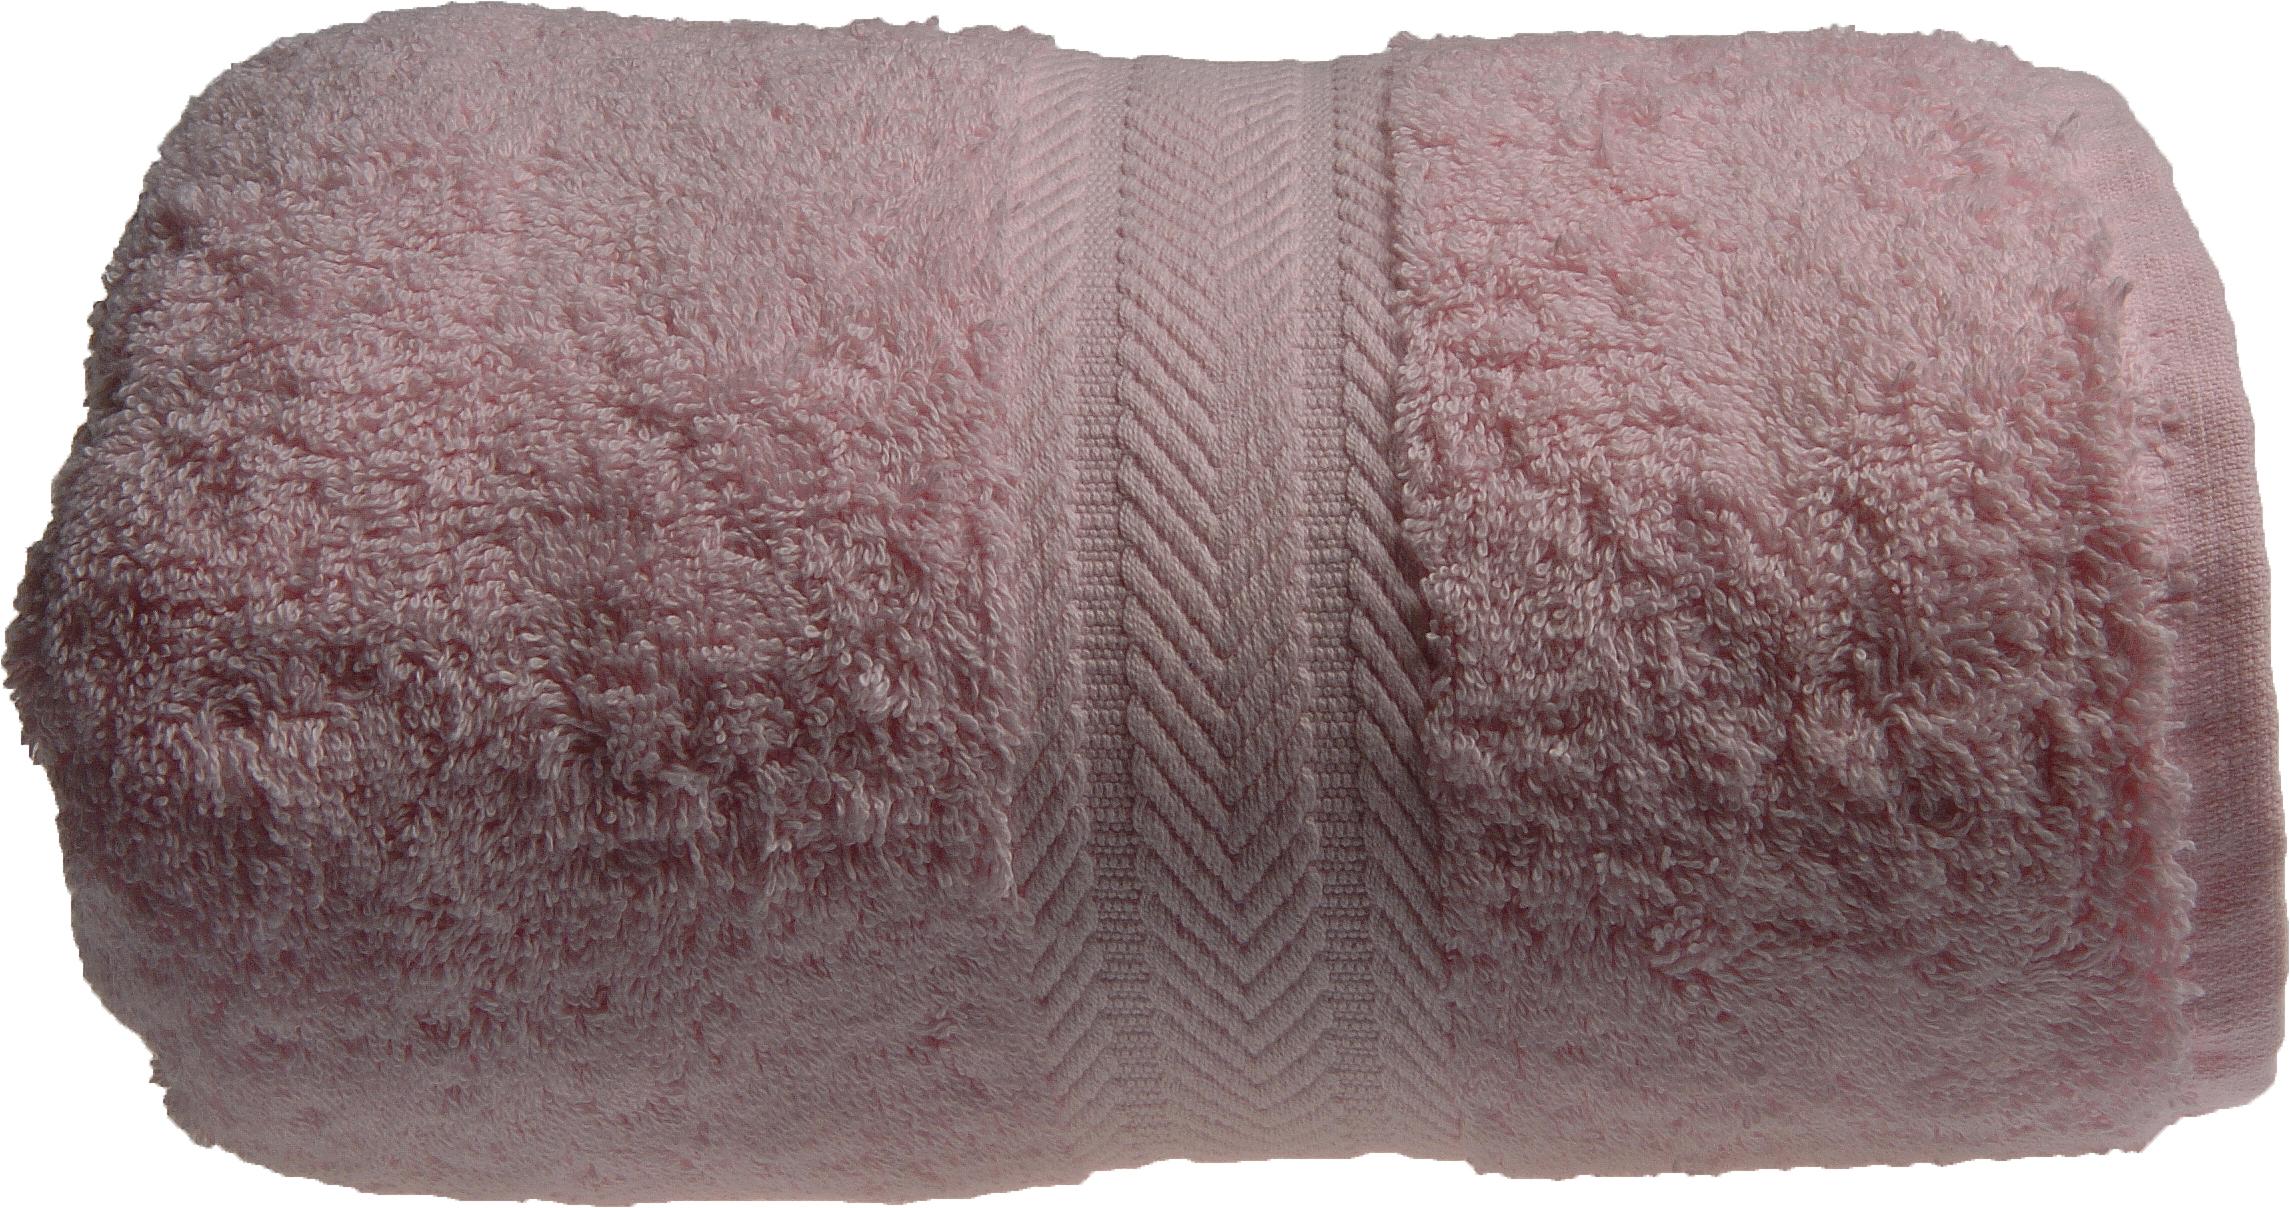 Serviette de toilette 50 x 100 cm en Coton couleur Rose (Rose)